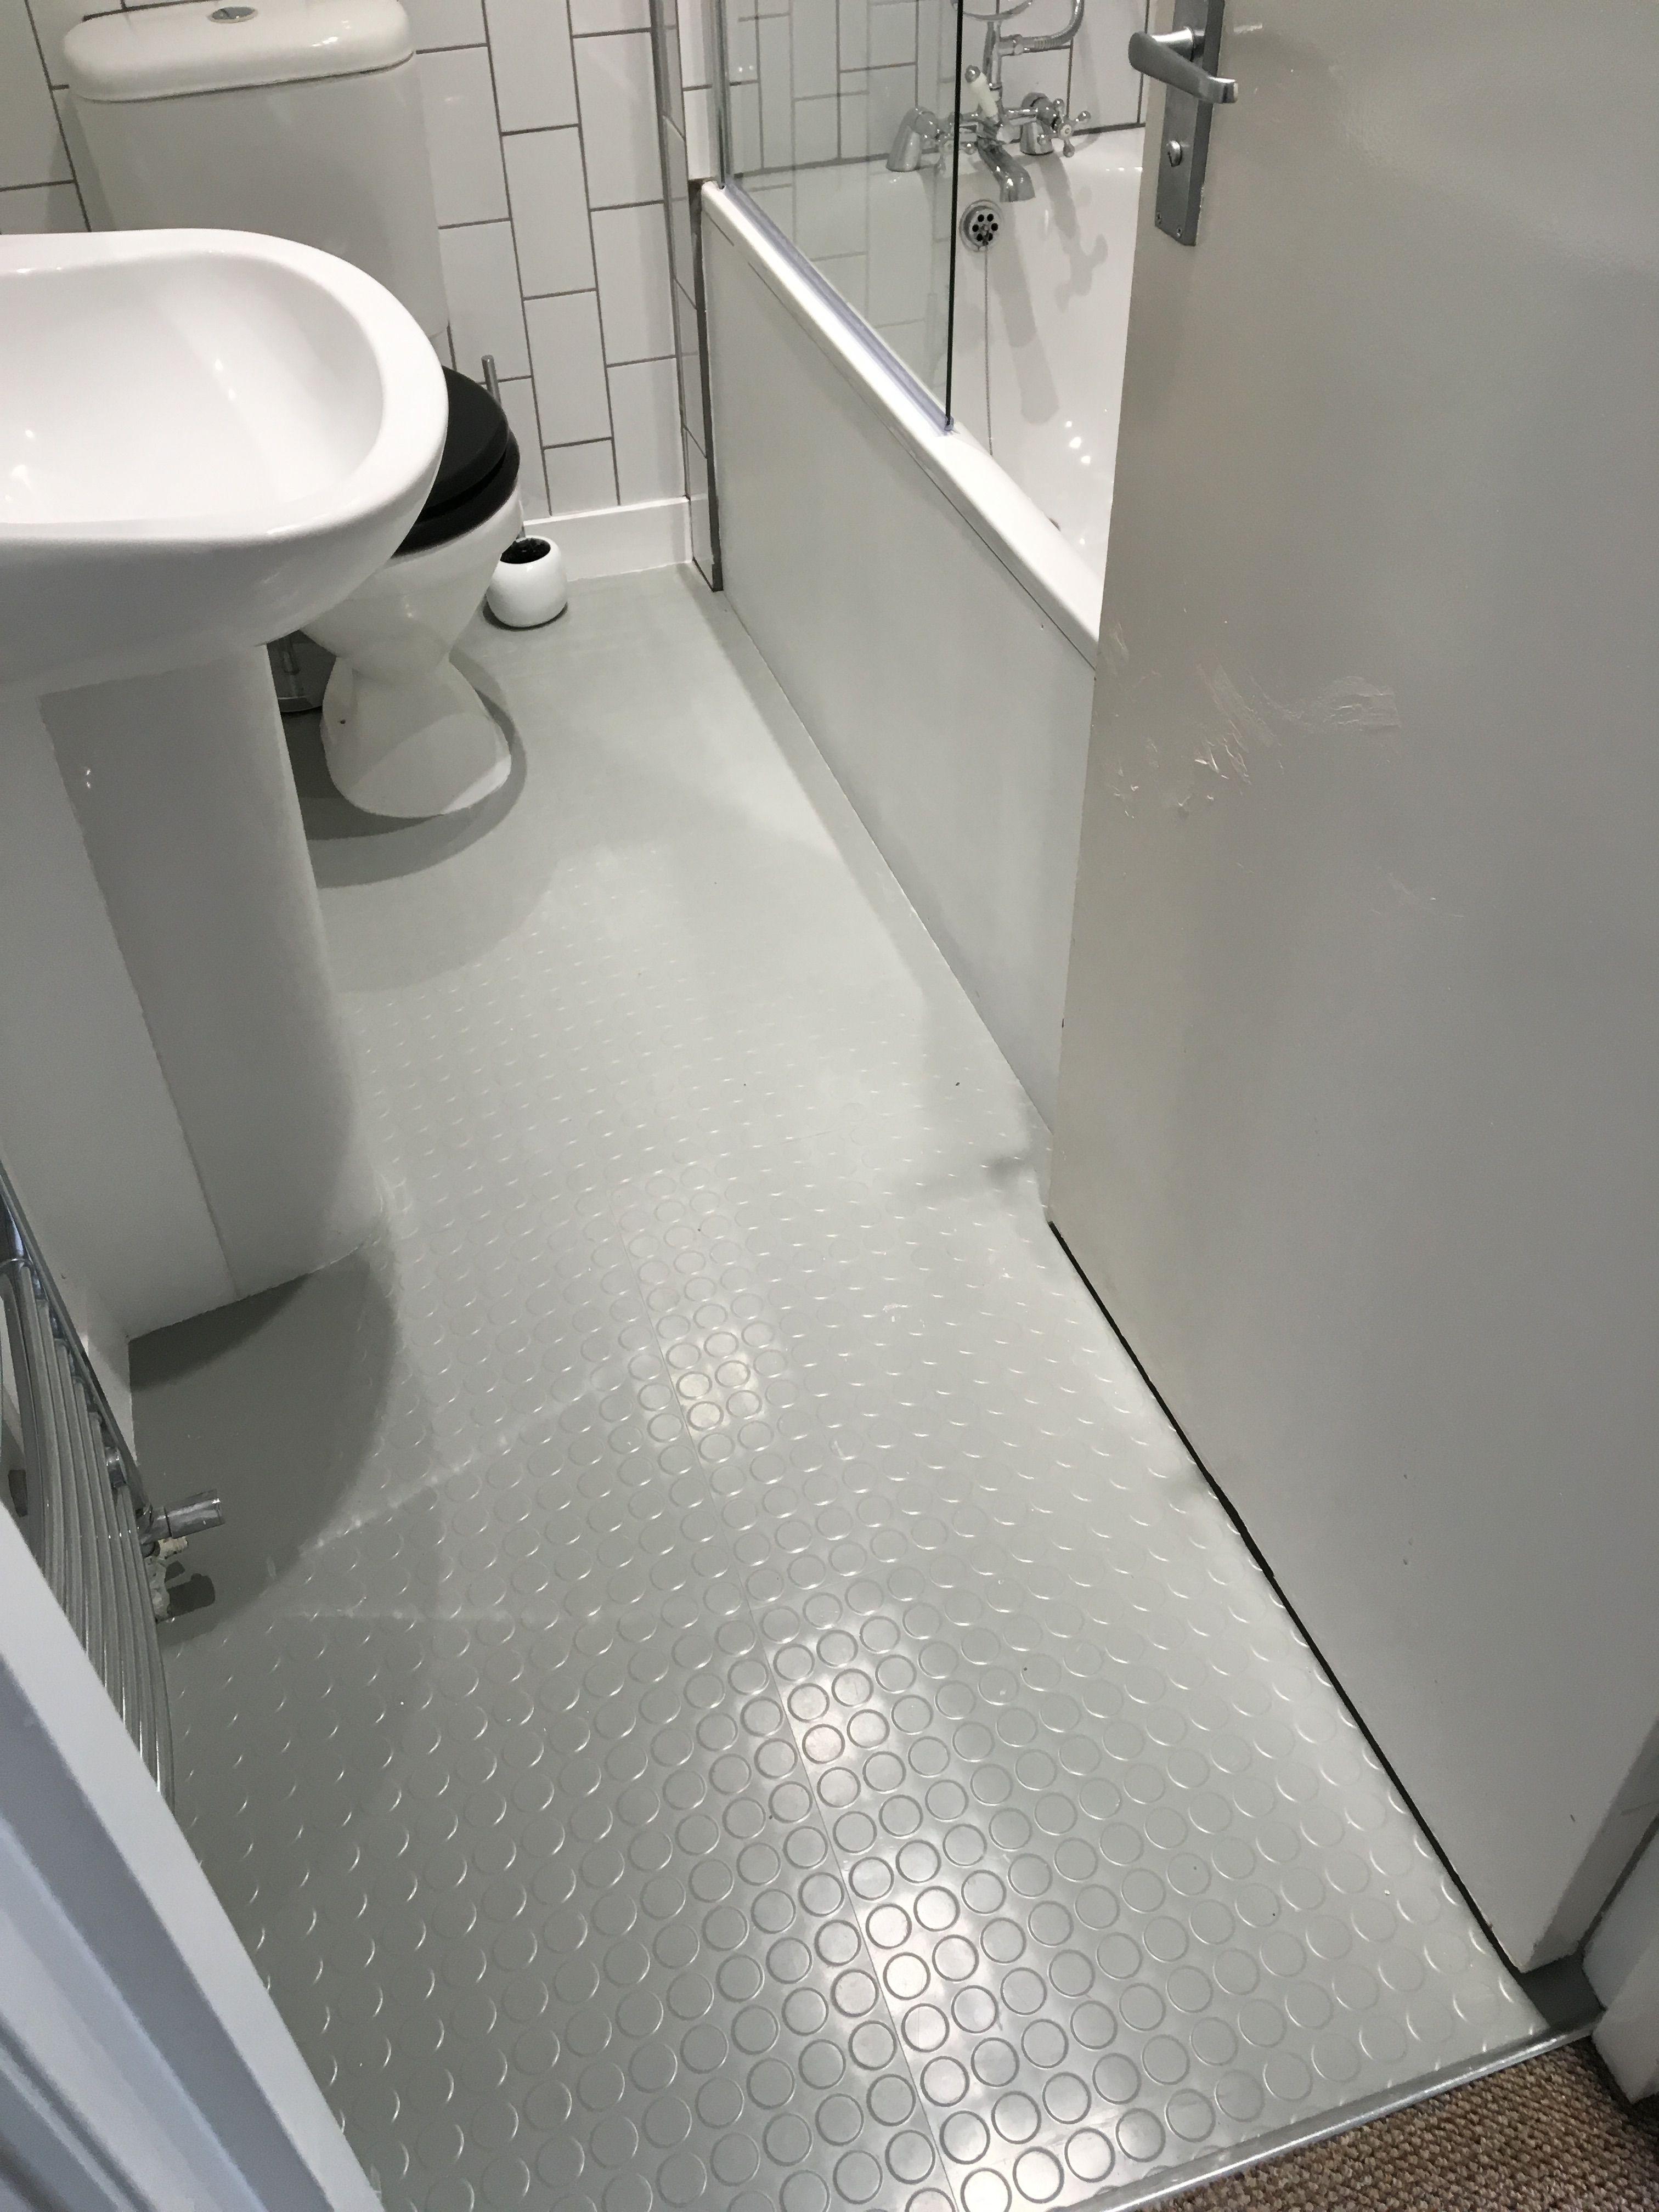 Quite Taken By Pirelli Flooring In Bathroom Bathroom Flooring